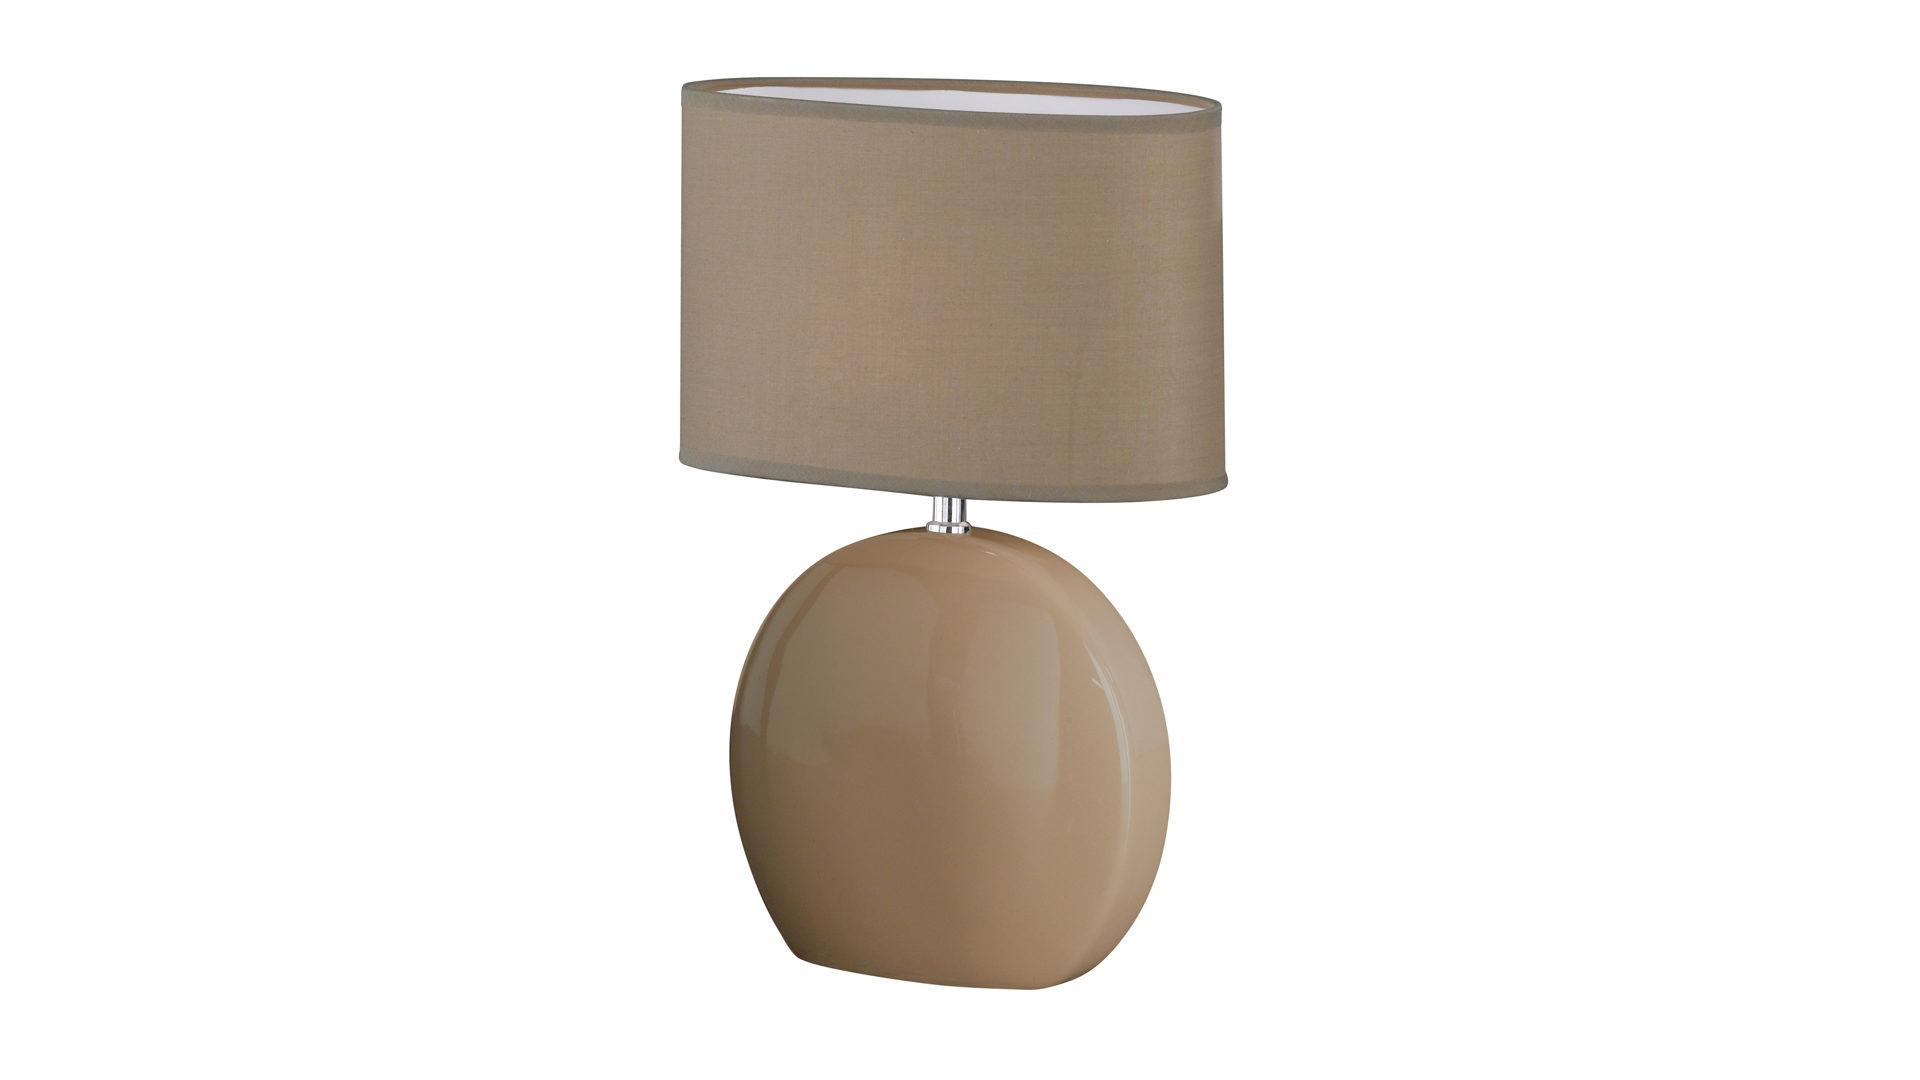 Möbel Bernskötter Mülheim, Räume, Schlafzimmer, Lampen + Leuchten,  Tischleuchte, Tischleuchte Lume Bzw. Nachttischlampe, Cappuccinofarbener  Stoffschirm ...